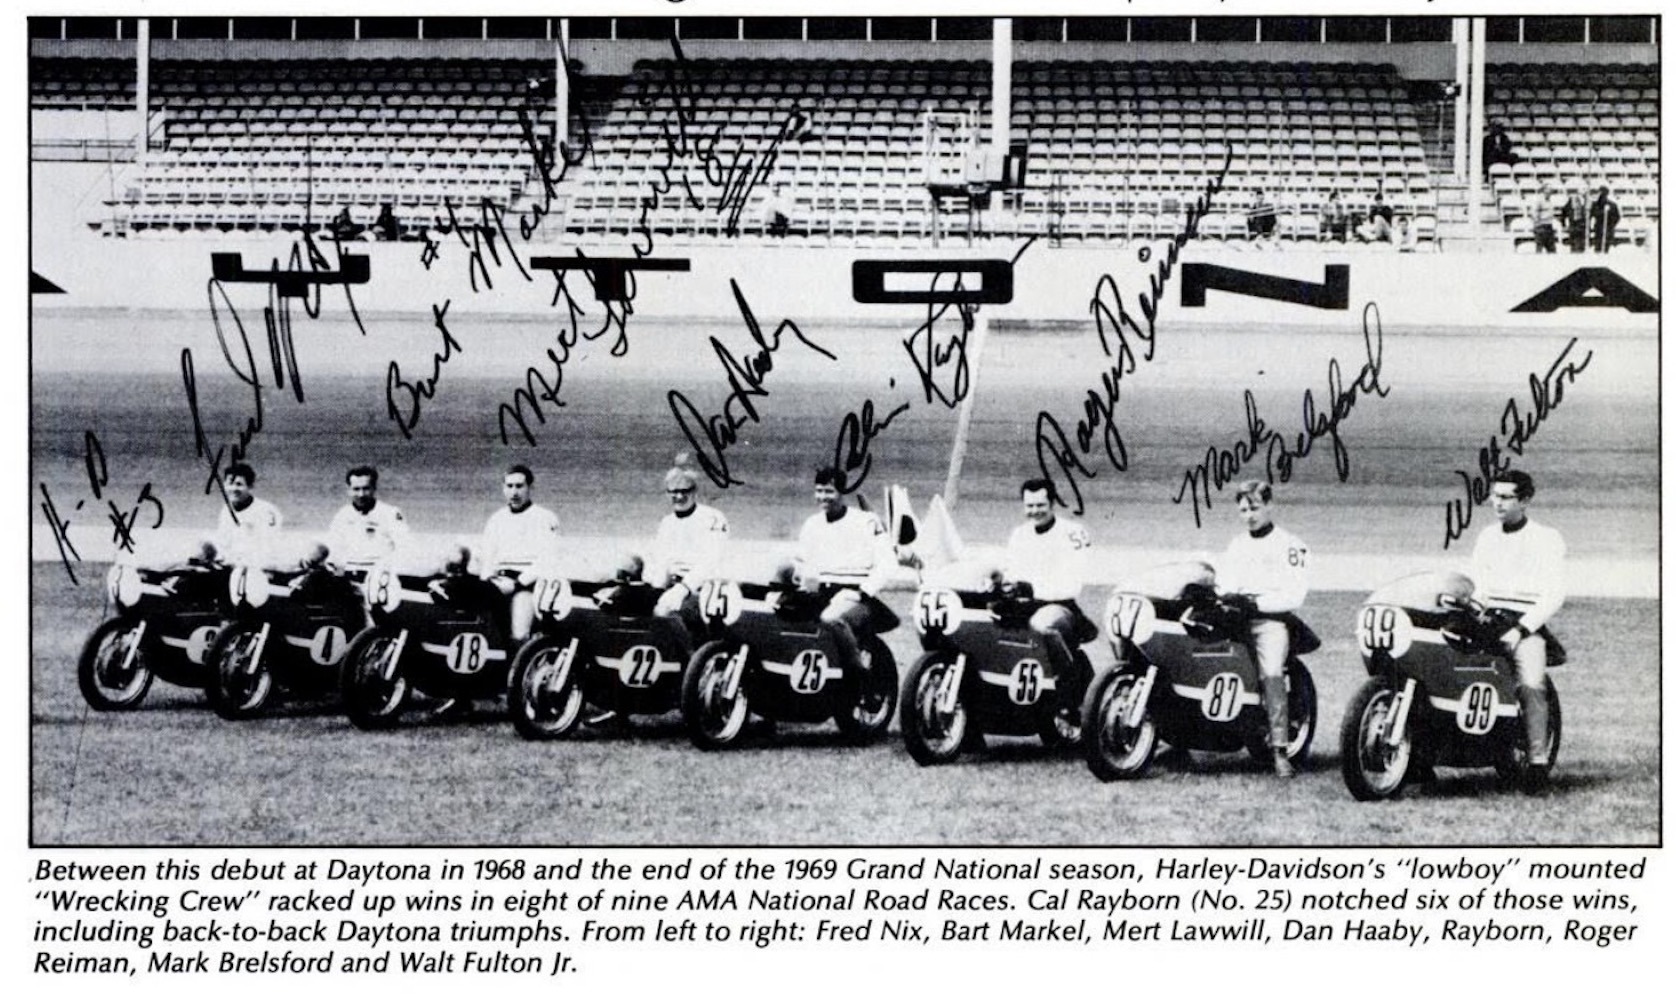 1968 - Daytona